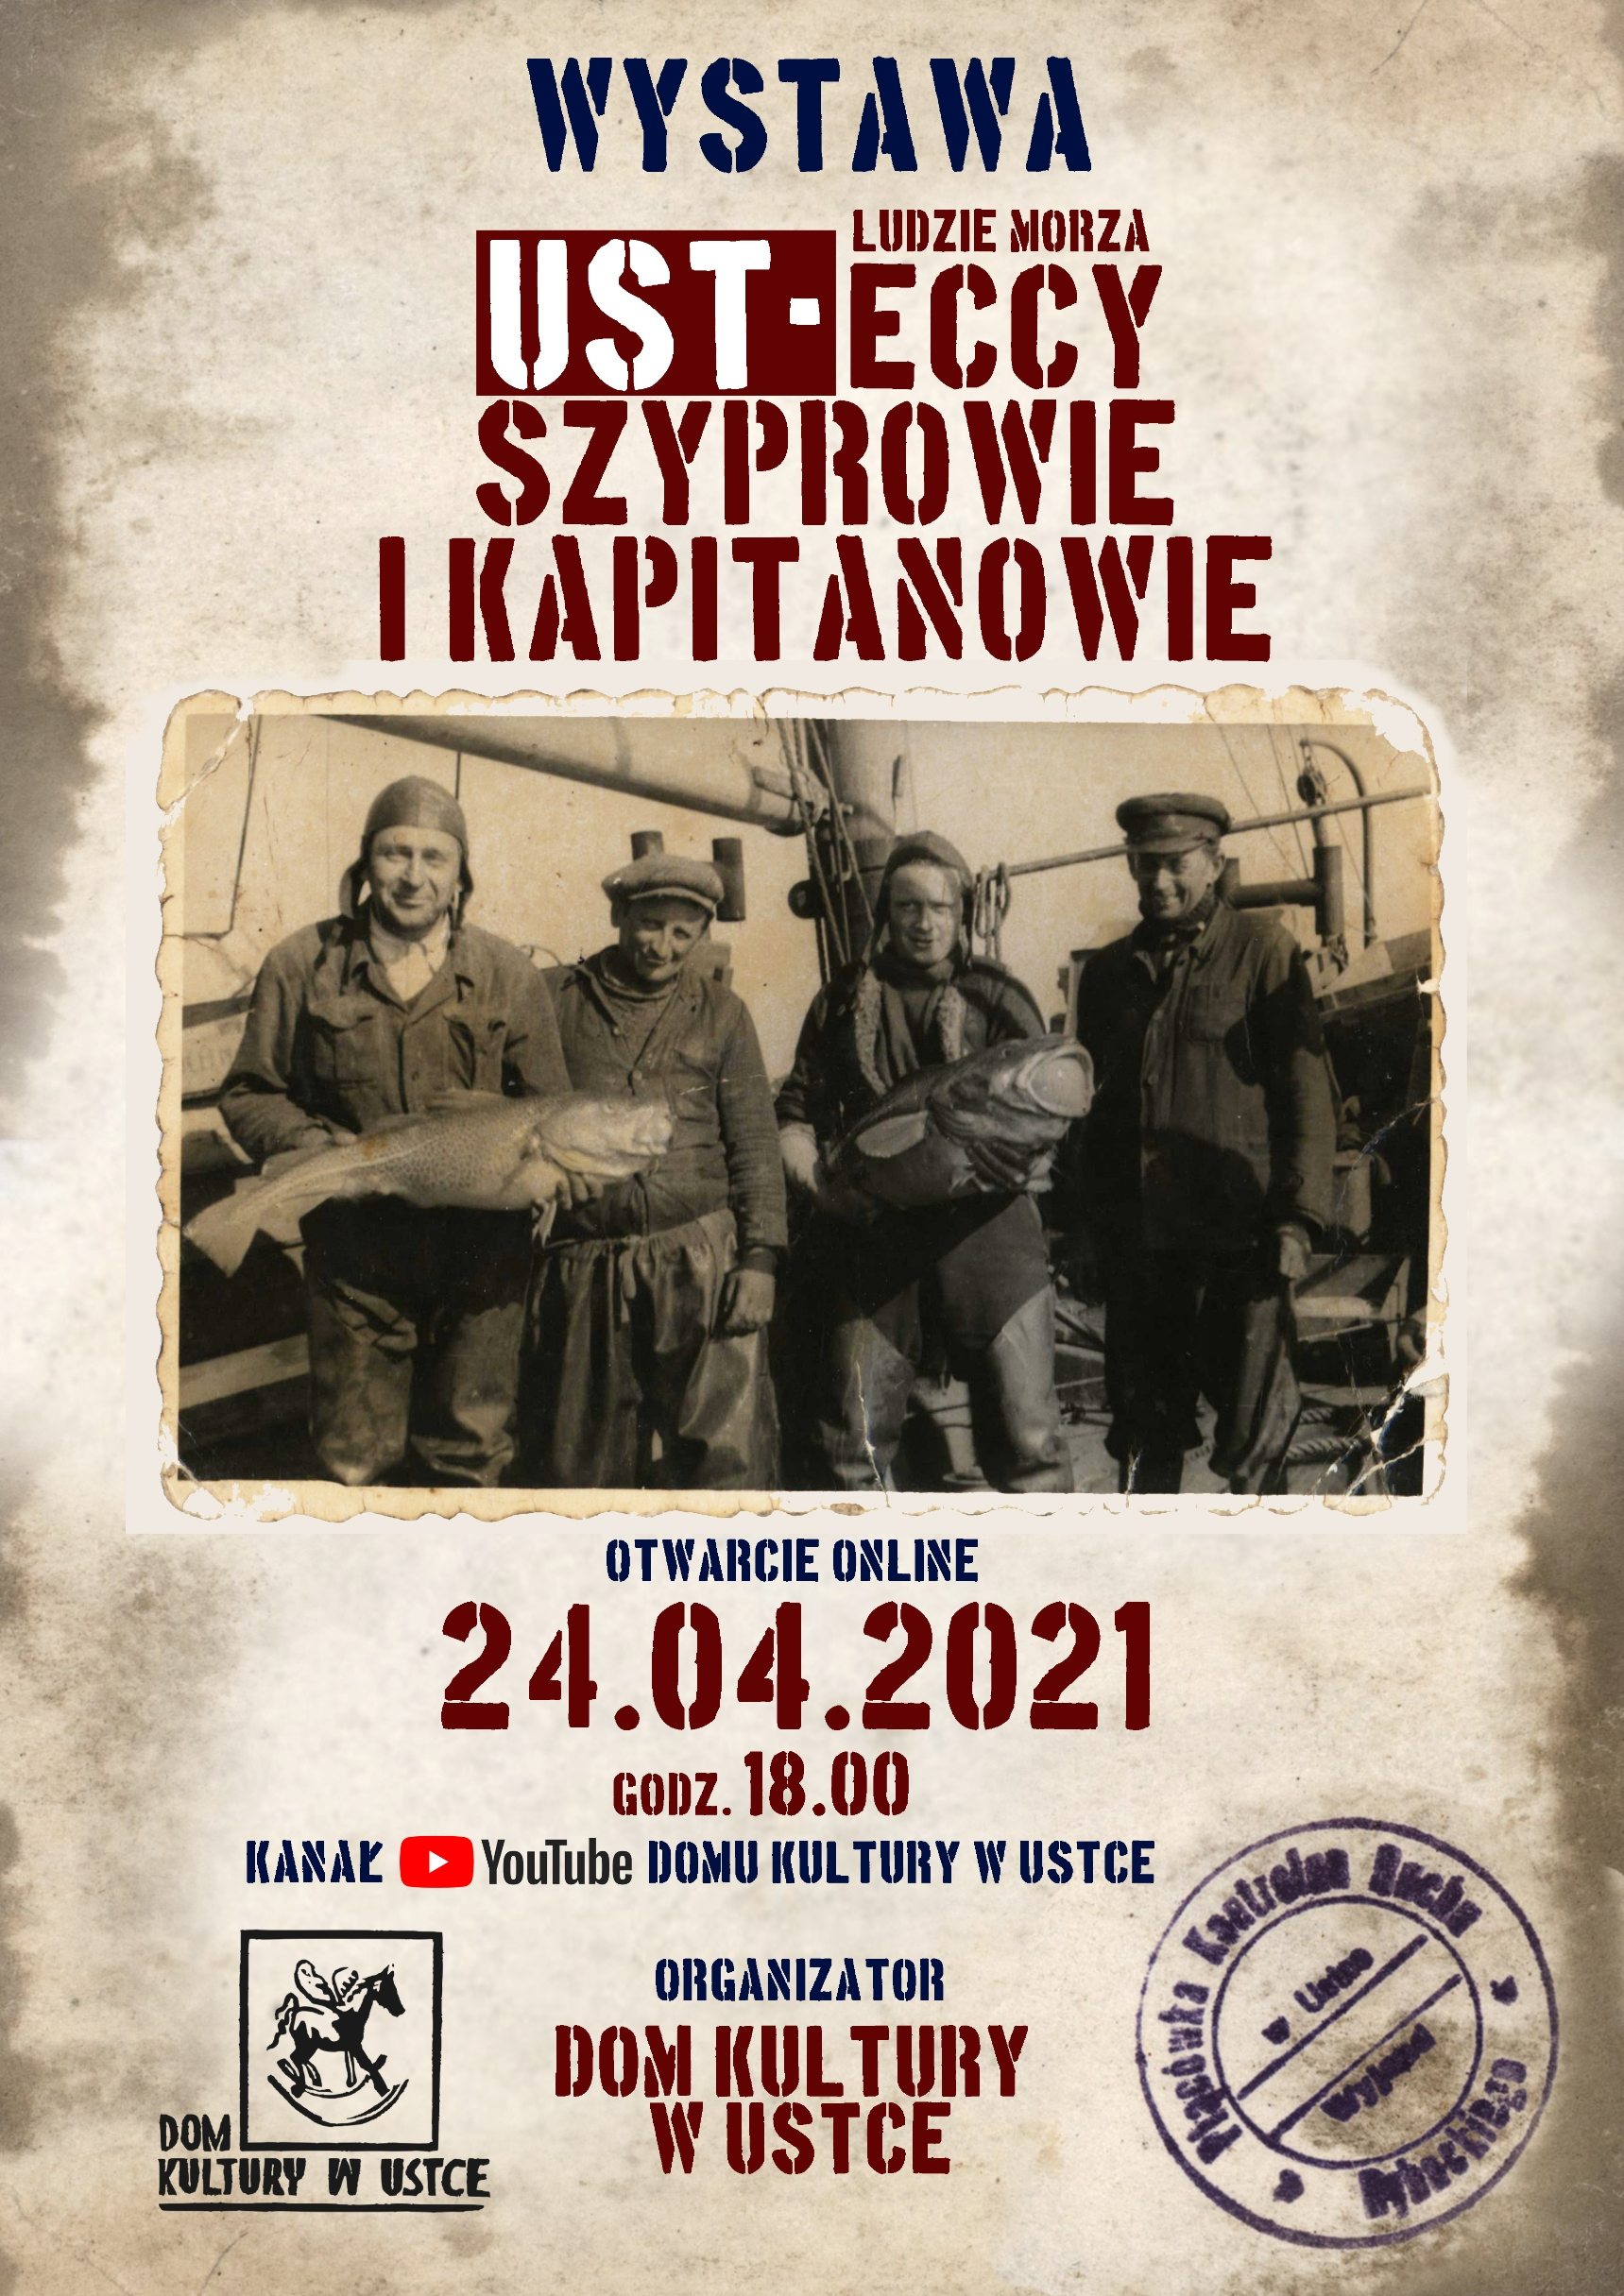 plakat: w centrum czterech rybaków ze starej fotografii i informacje o wystawie